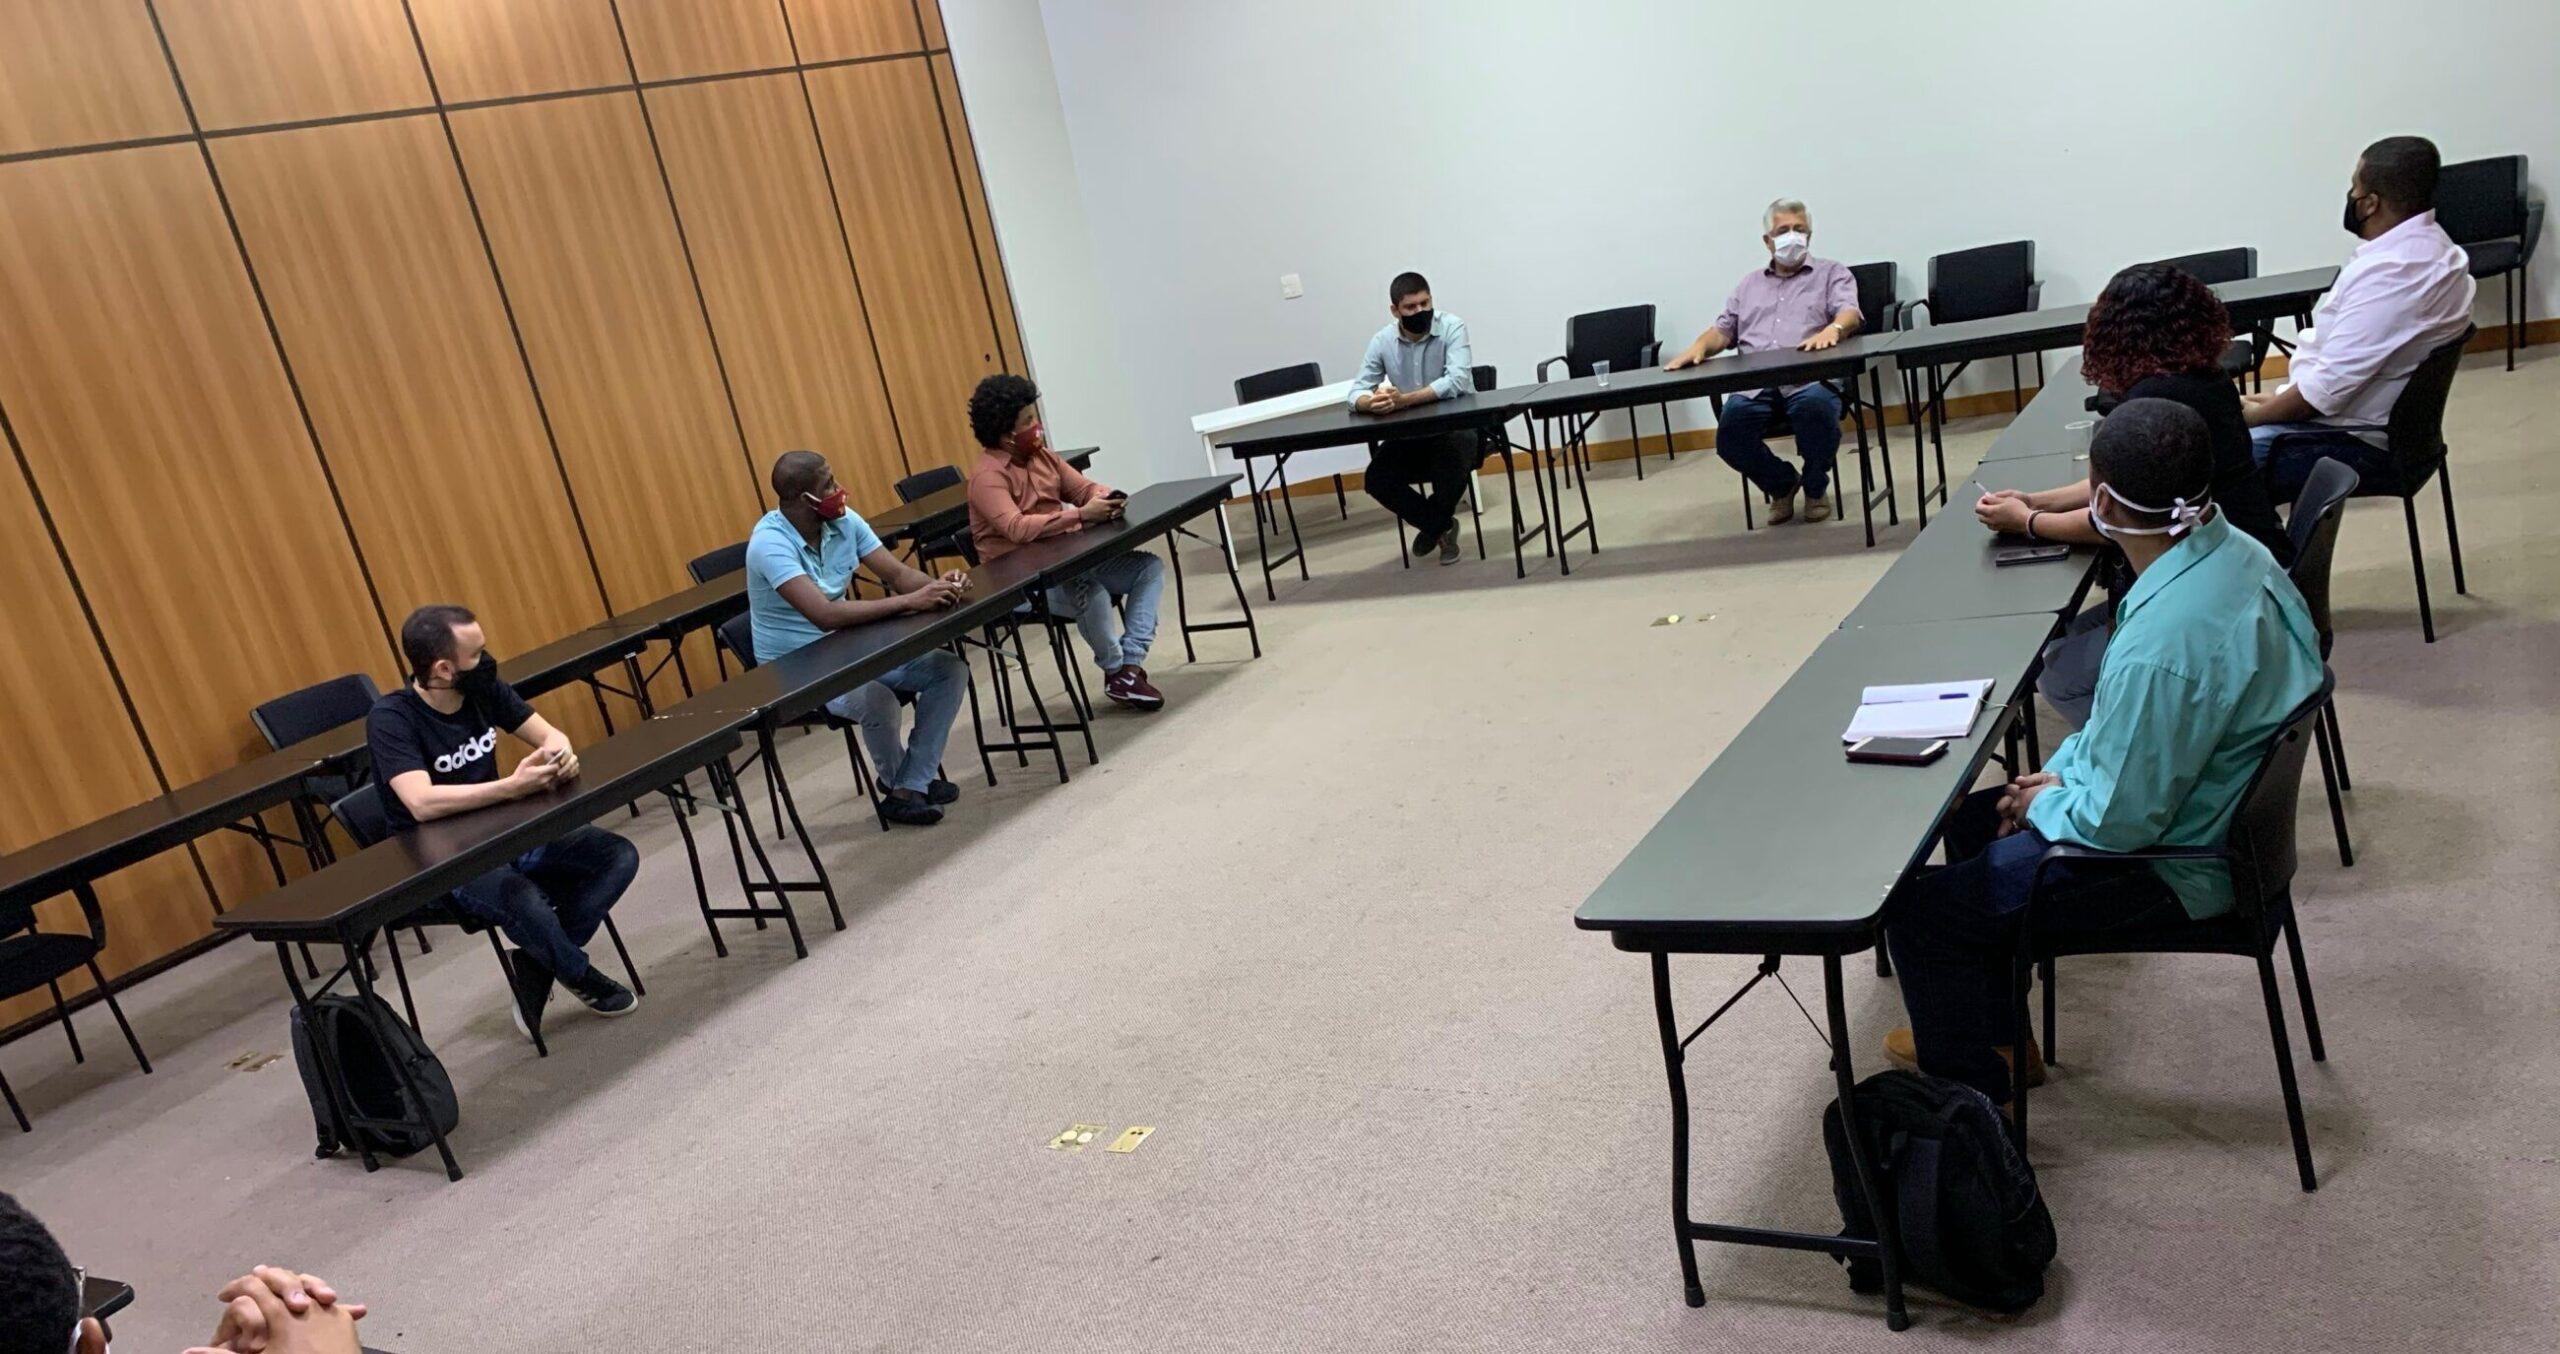 Bacelar e juventude: juntos contra violência e genocídio de jovens negros